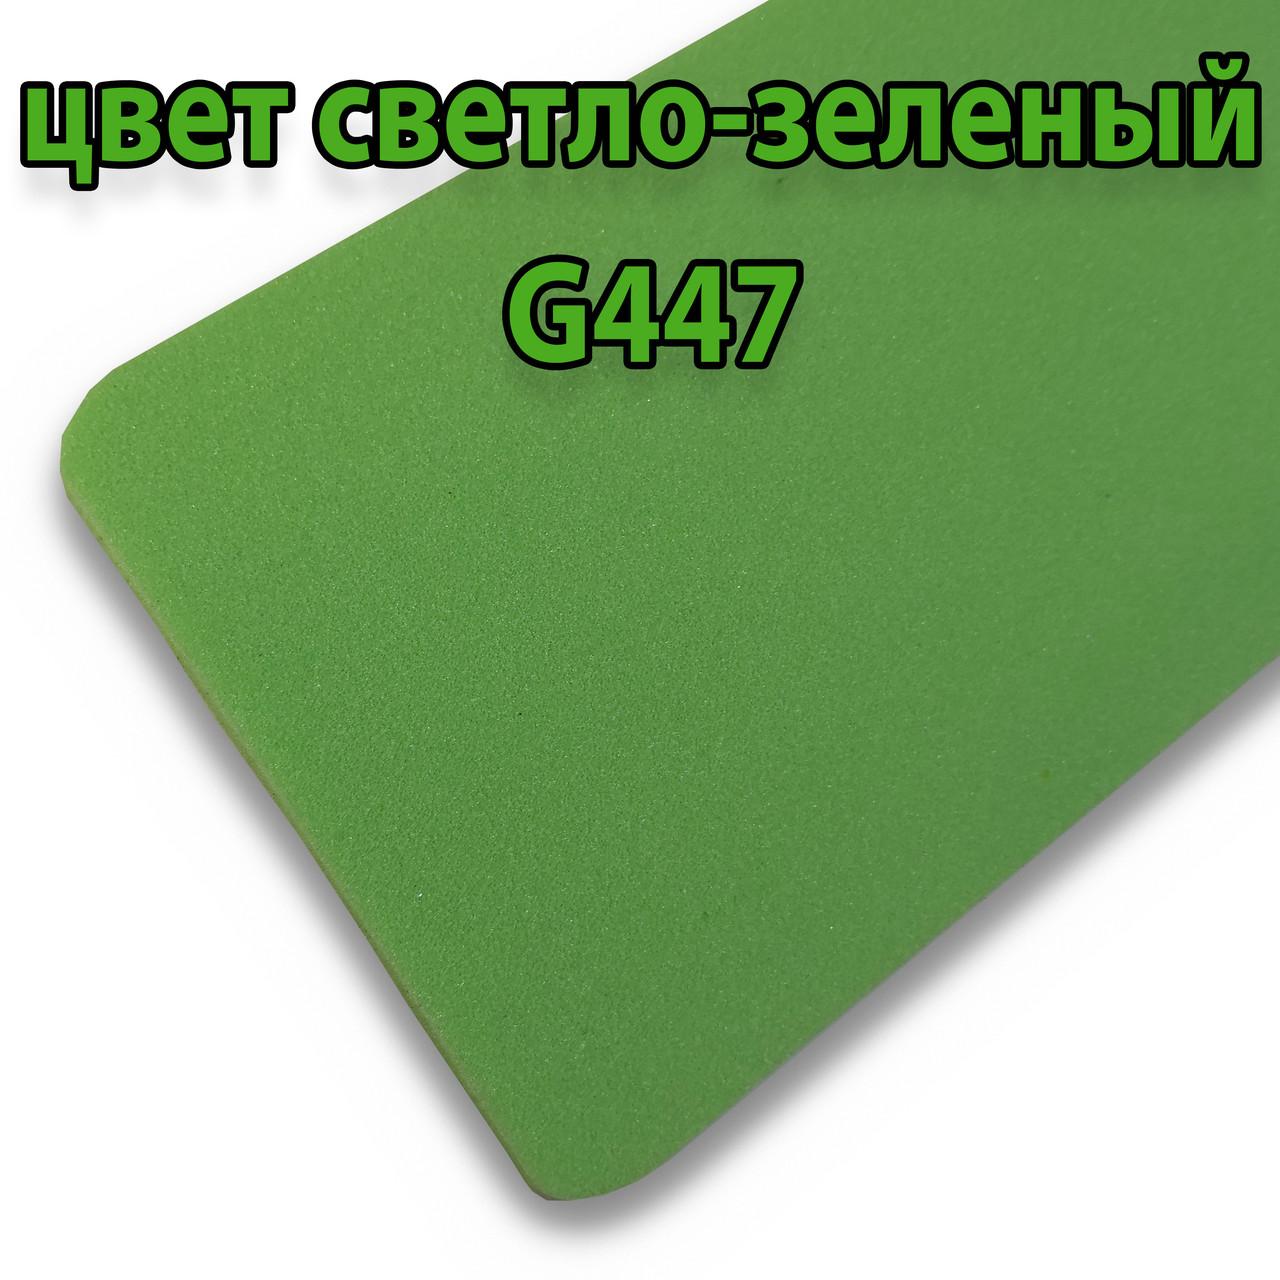 Изолон цветной, 2 мм светло-зеленый